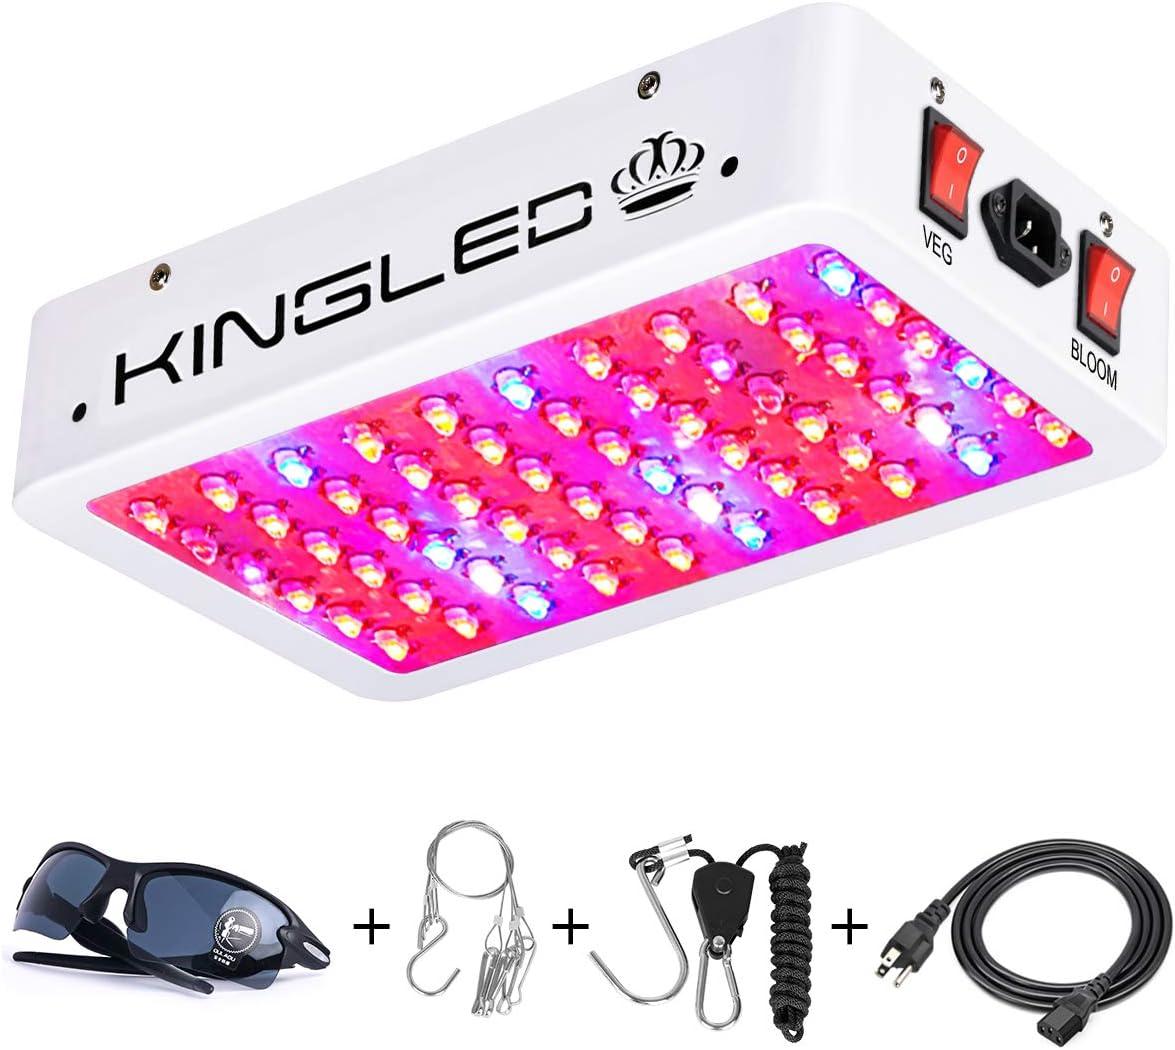 King Plus 600 Watt Full Spectrum LED Grow Light